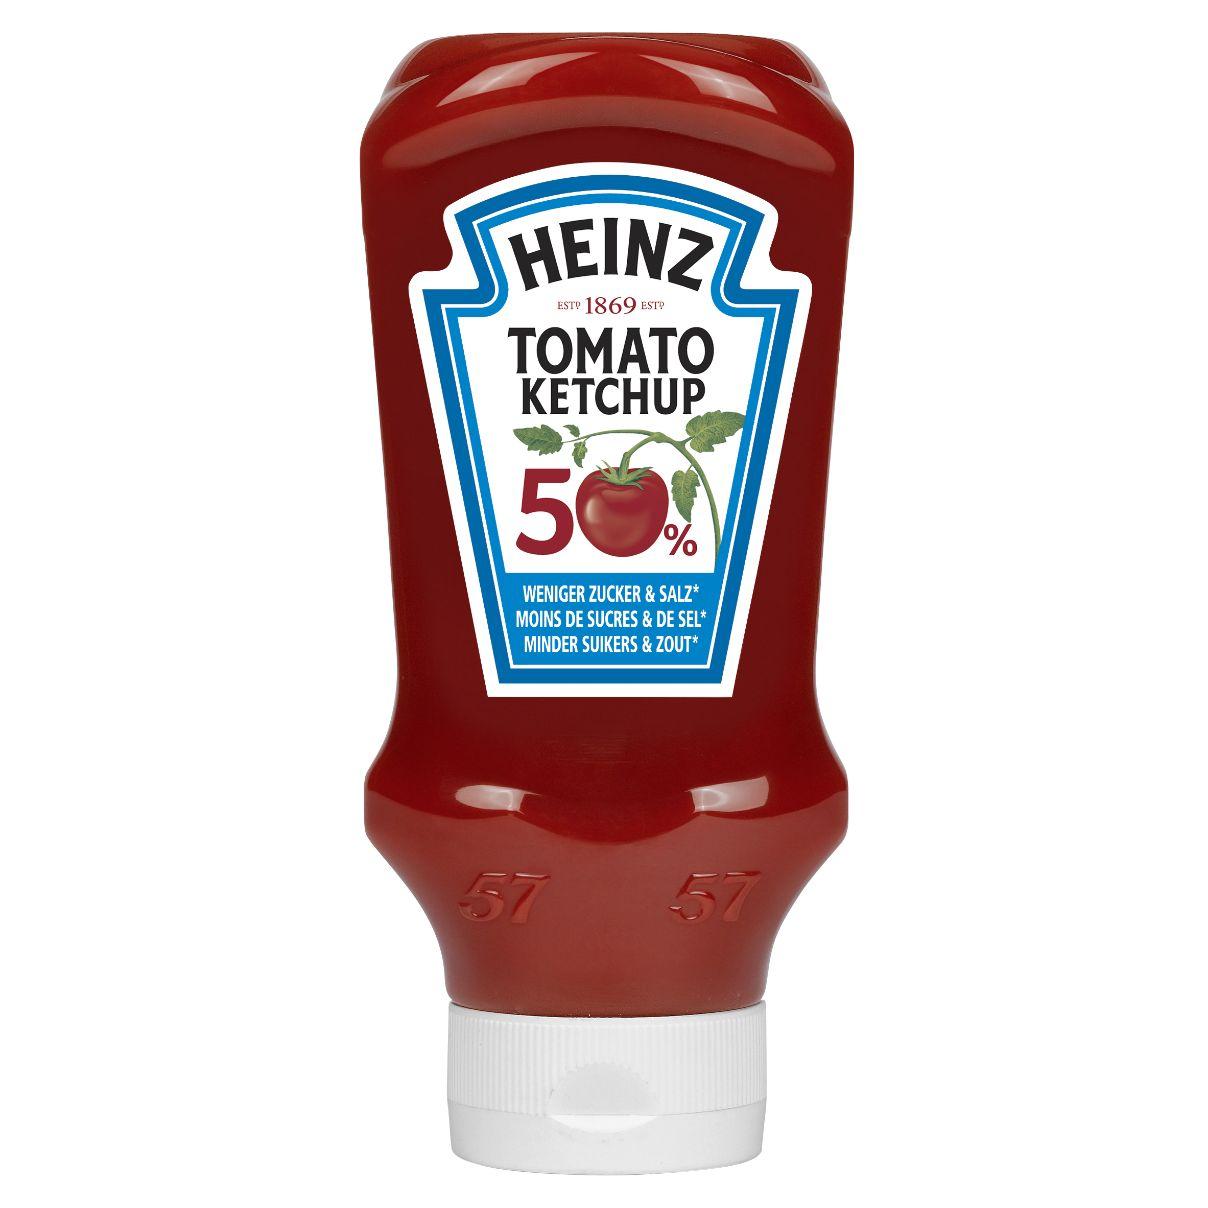 Heinz Tomato ketchup 50% de sucre et 50% de sel en moins 605ml image